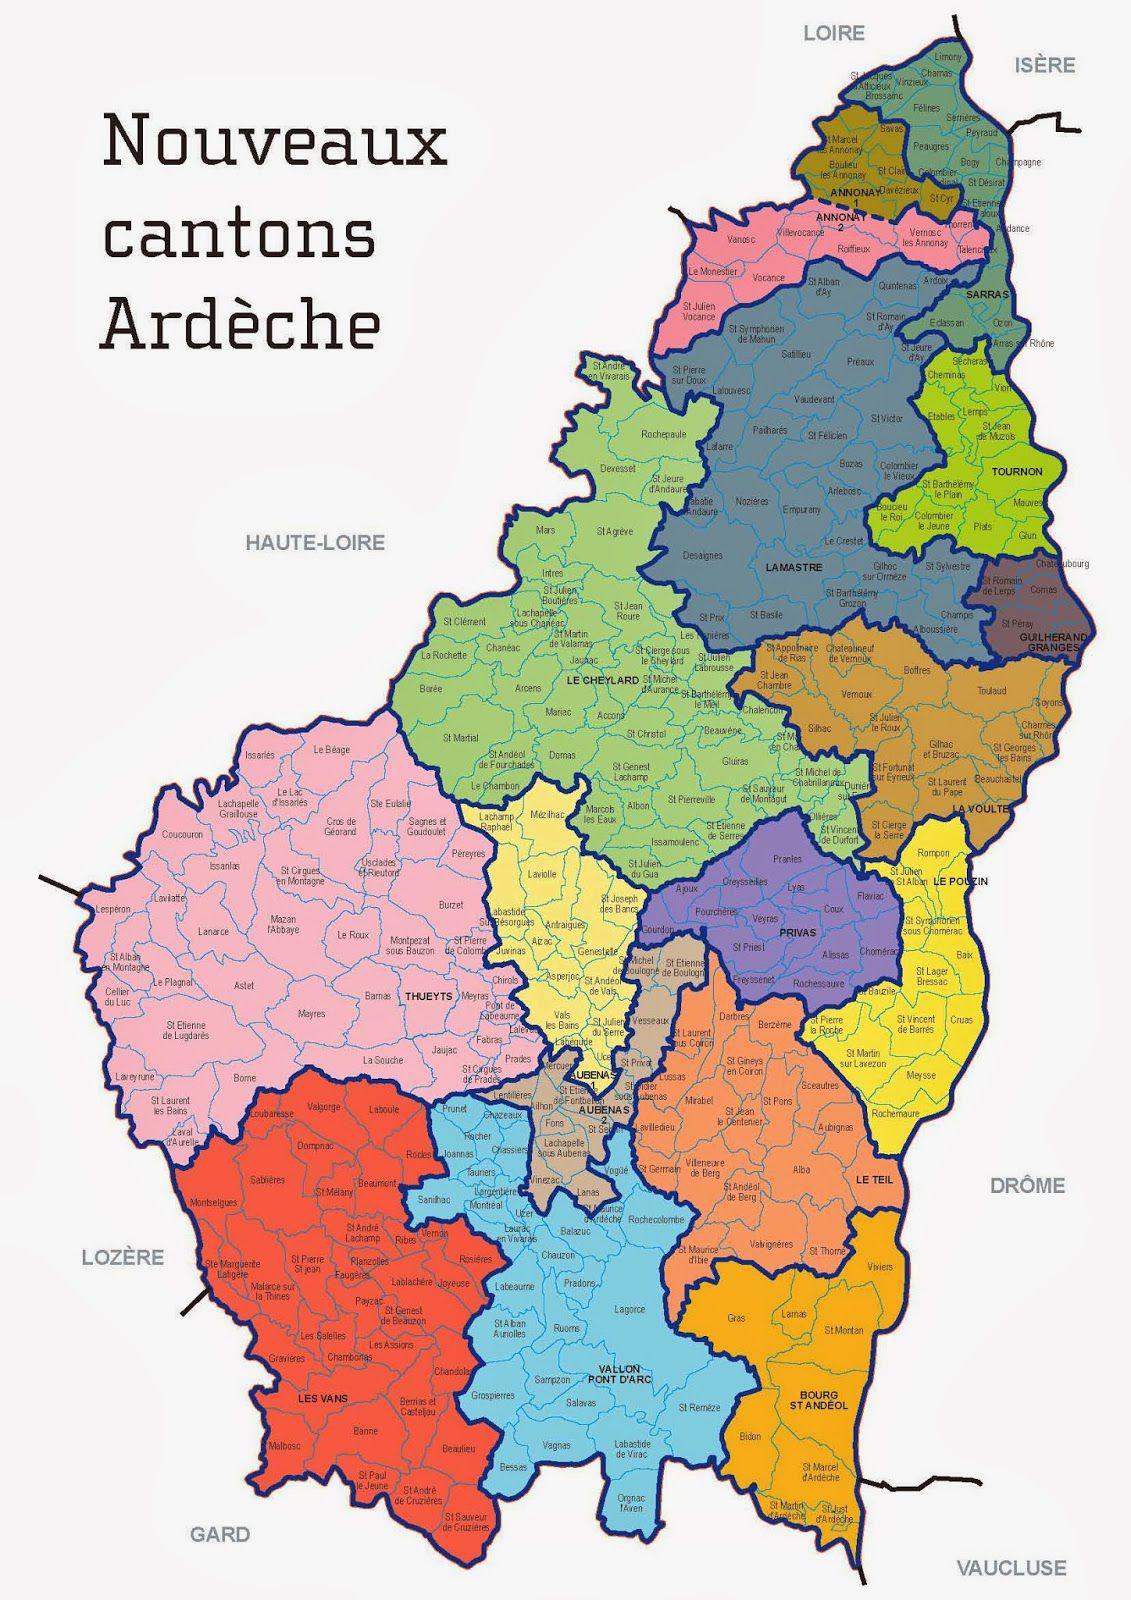 Carte des cantons de l'Ardèche